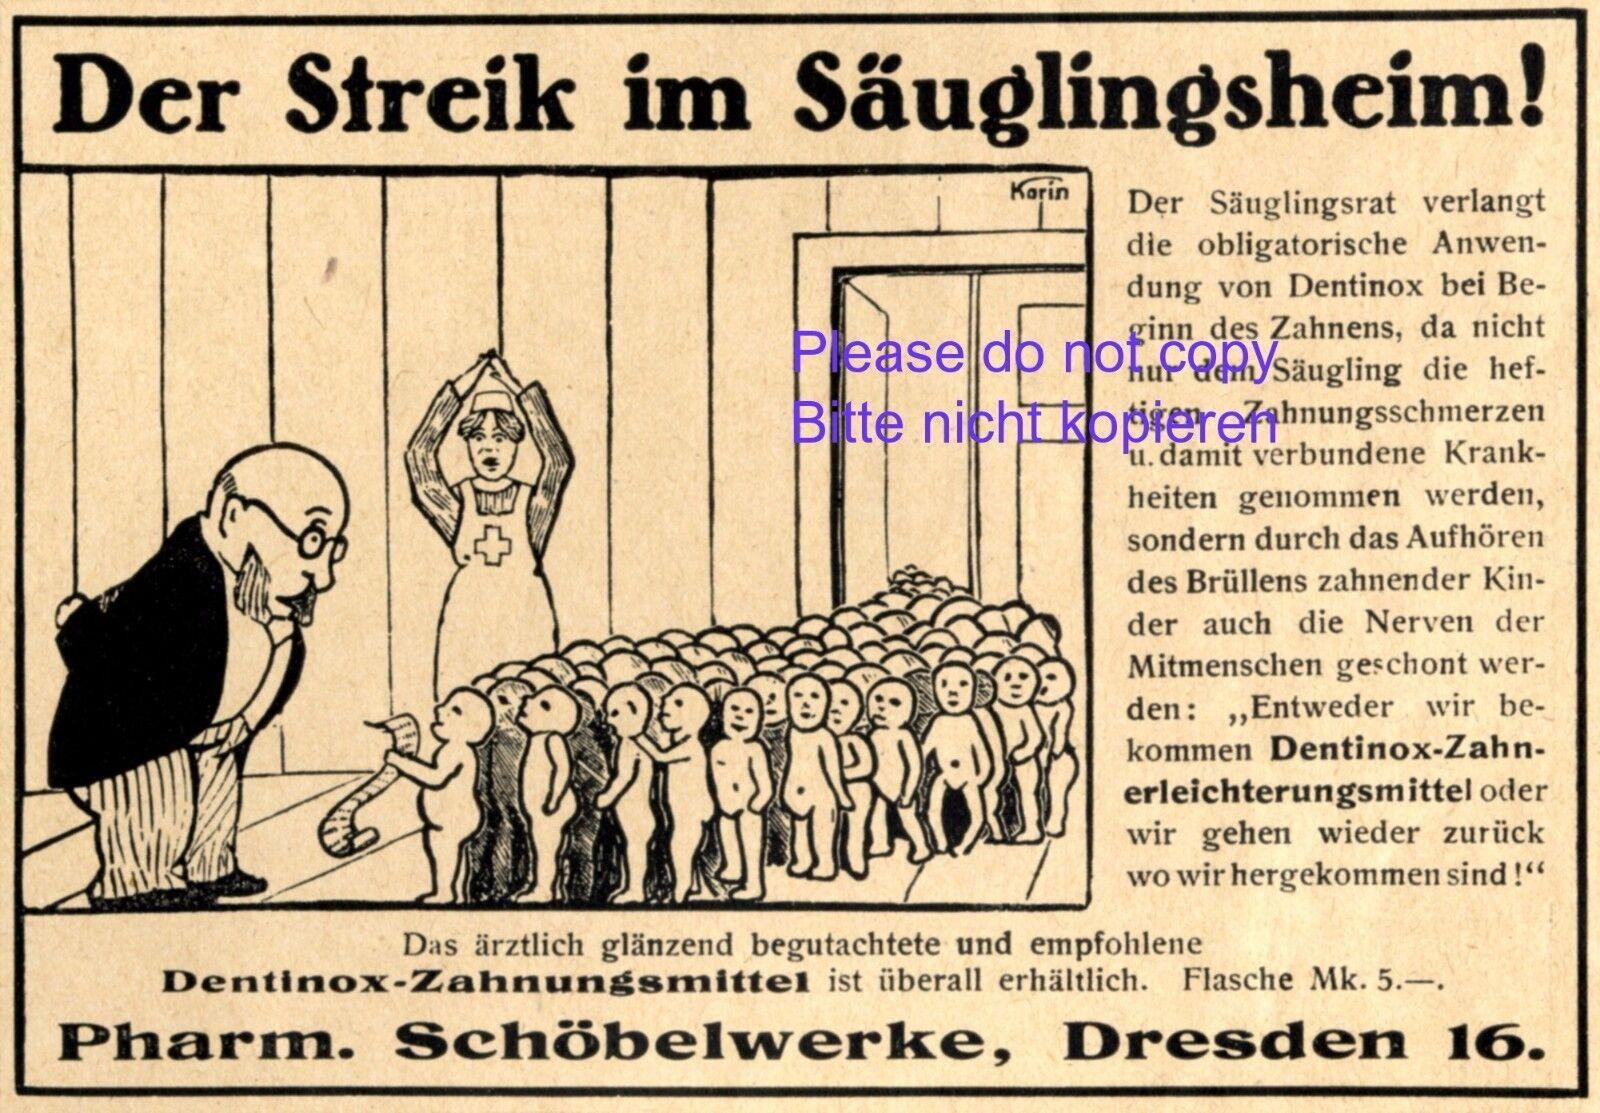 Zahnungsmittel Dentinox Reklame 1921 Baby Zähne Streik Säuglingsheim Zahnarzt +